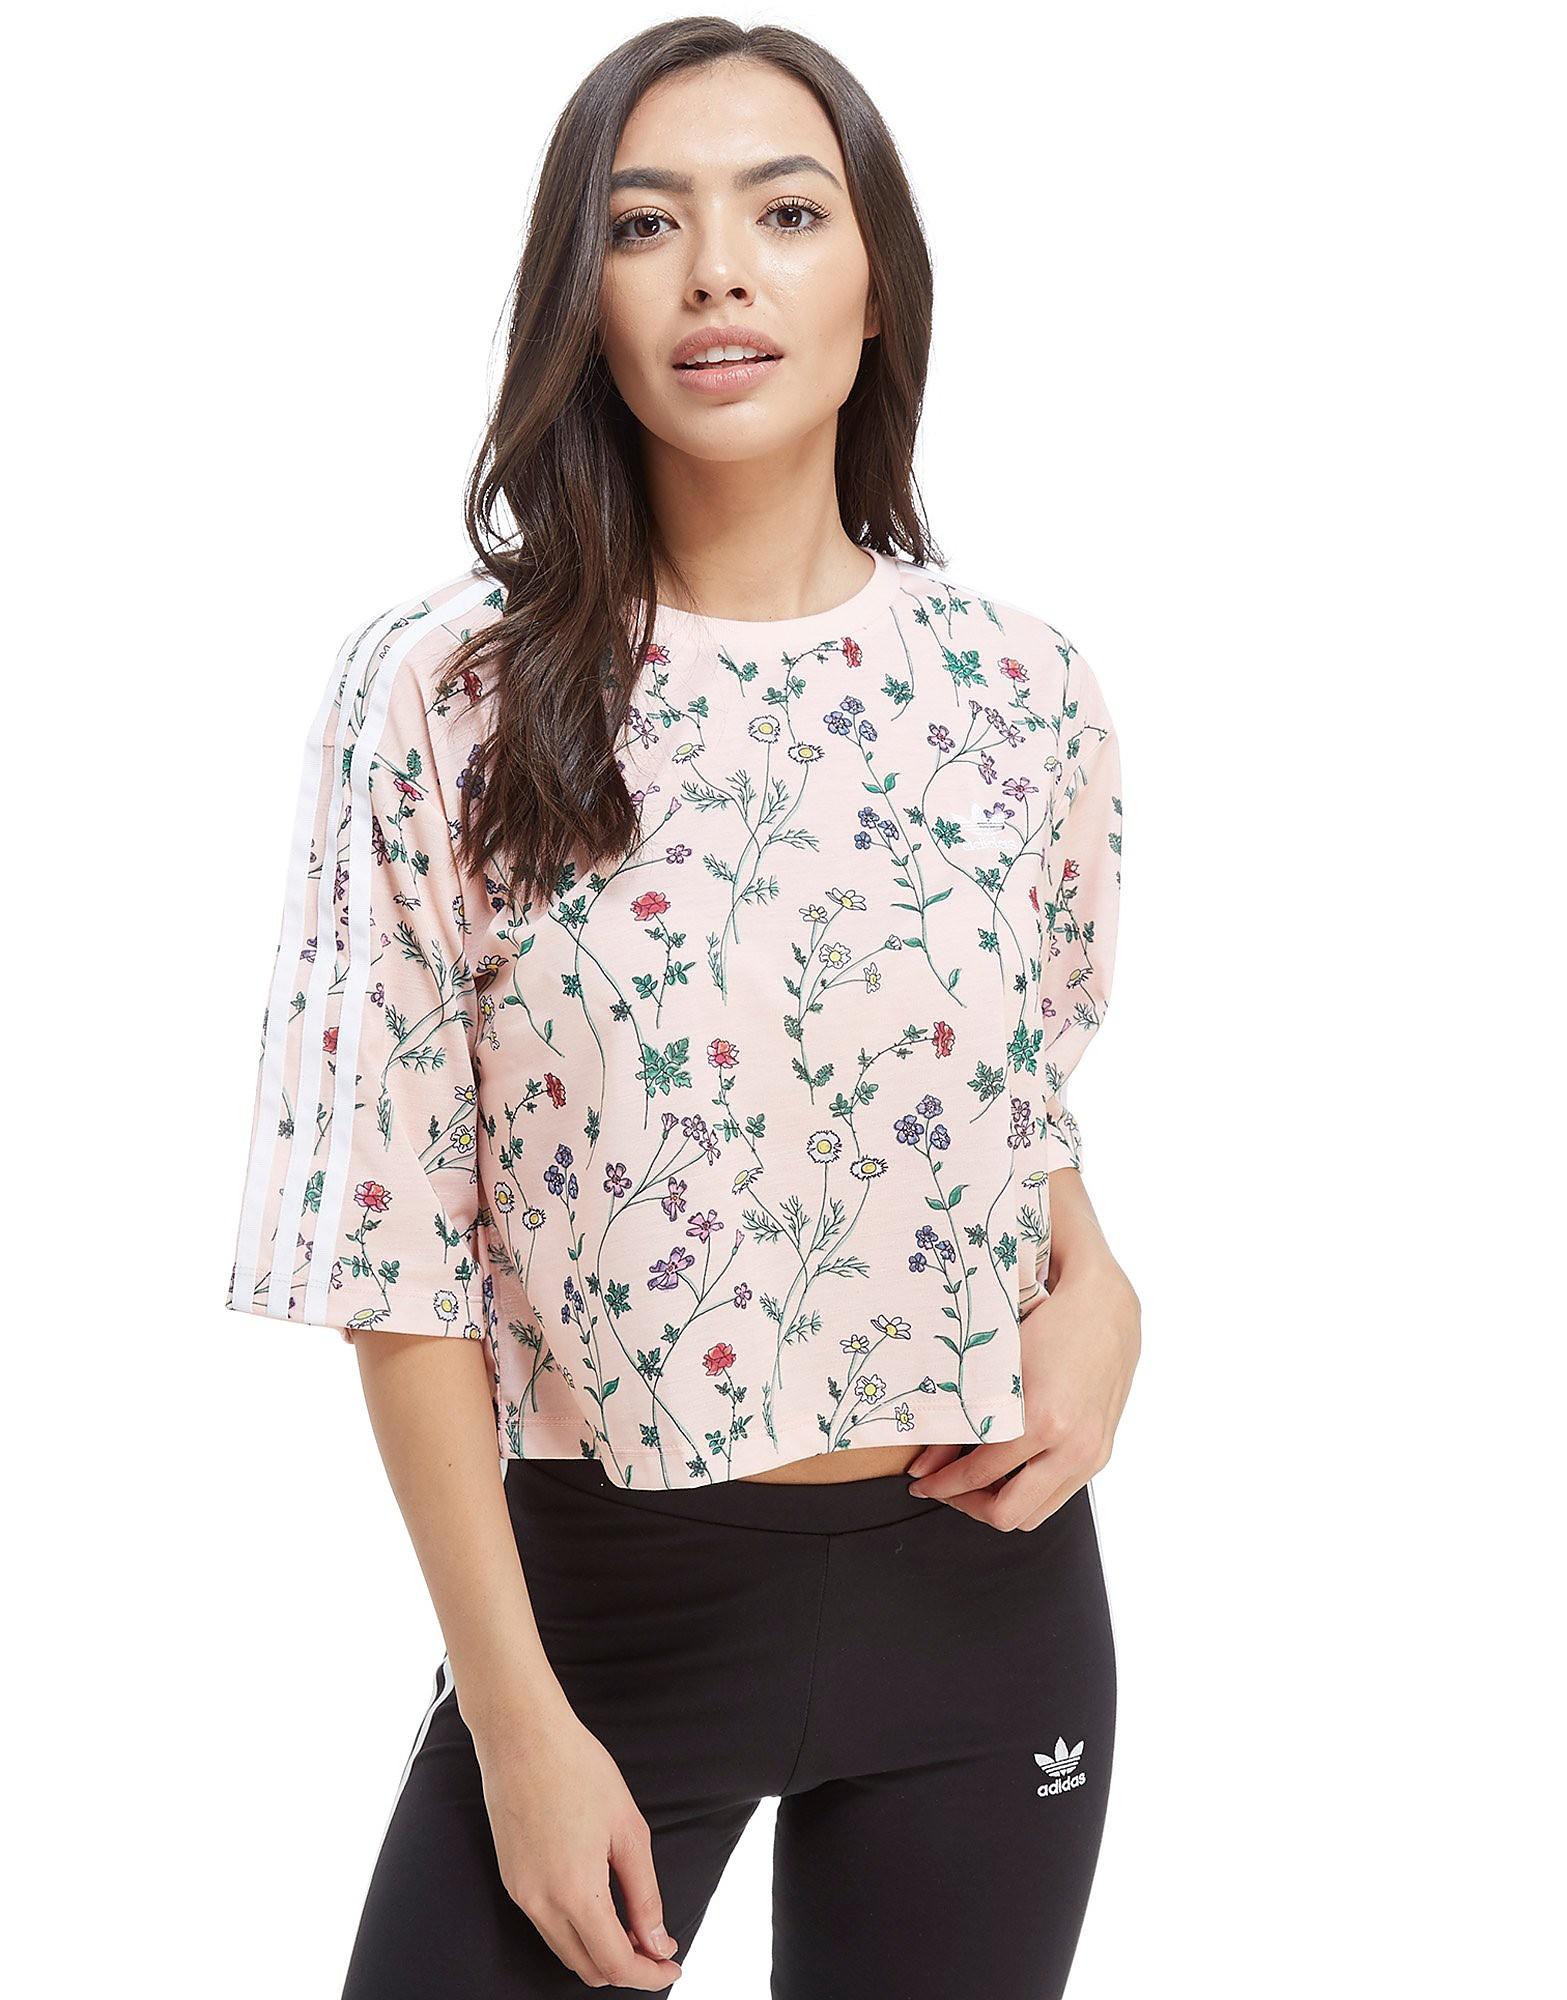 adidas Originals camiseta All Over Print Floral Crop